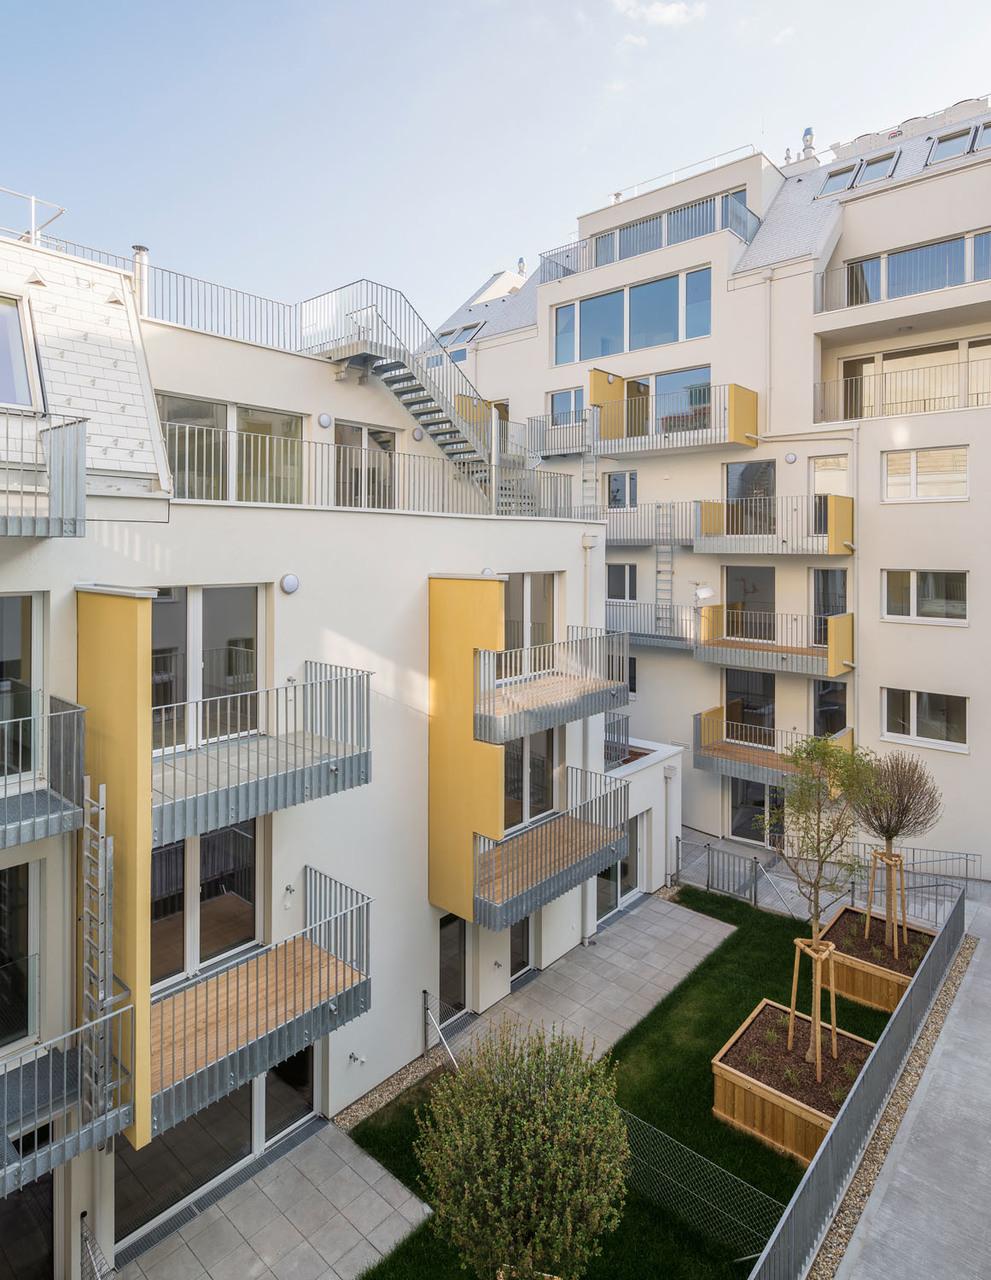 Wohnbau Graf-Strahemberg-Gasse, HuB Architekten, Tp3 Architekten – Wien (A) – 2016